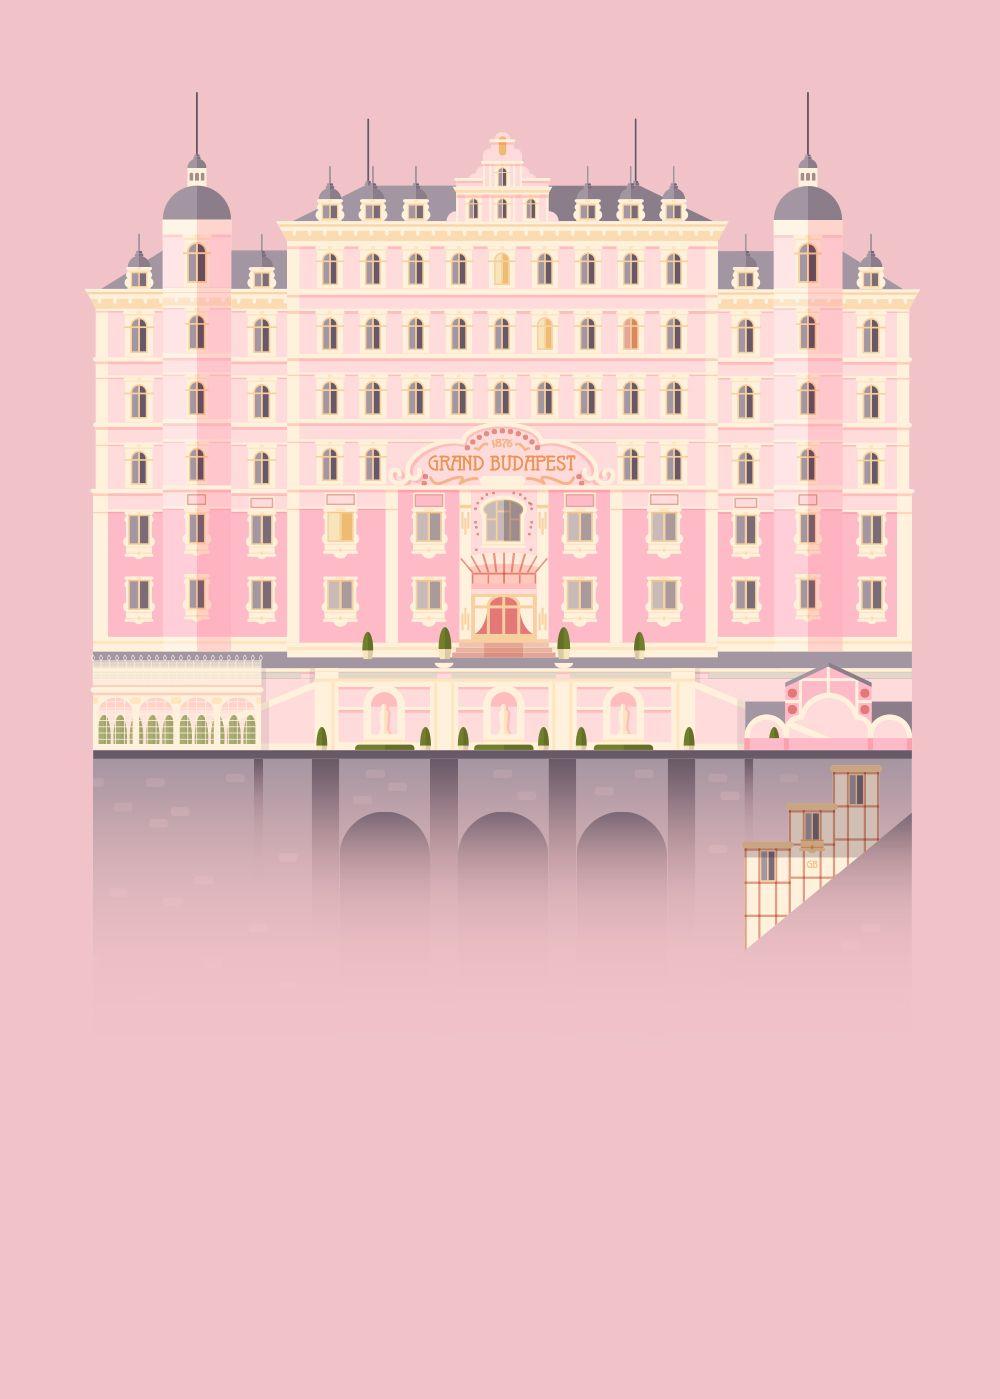 the grand budapest hotel lorena g illustration stuffs pinterest. Black Bedroom Furniture Sets. Home Design Ideas